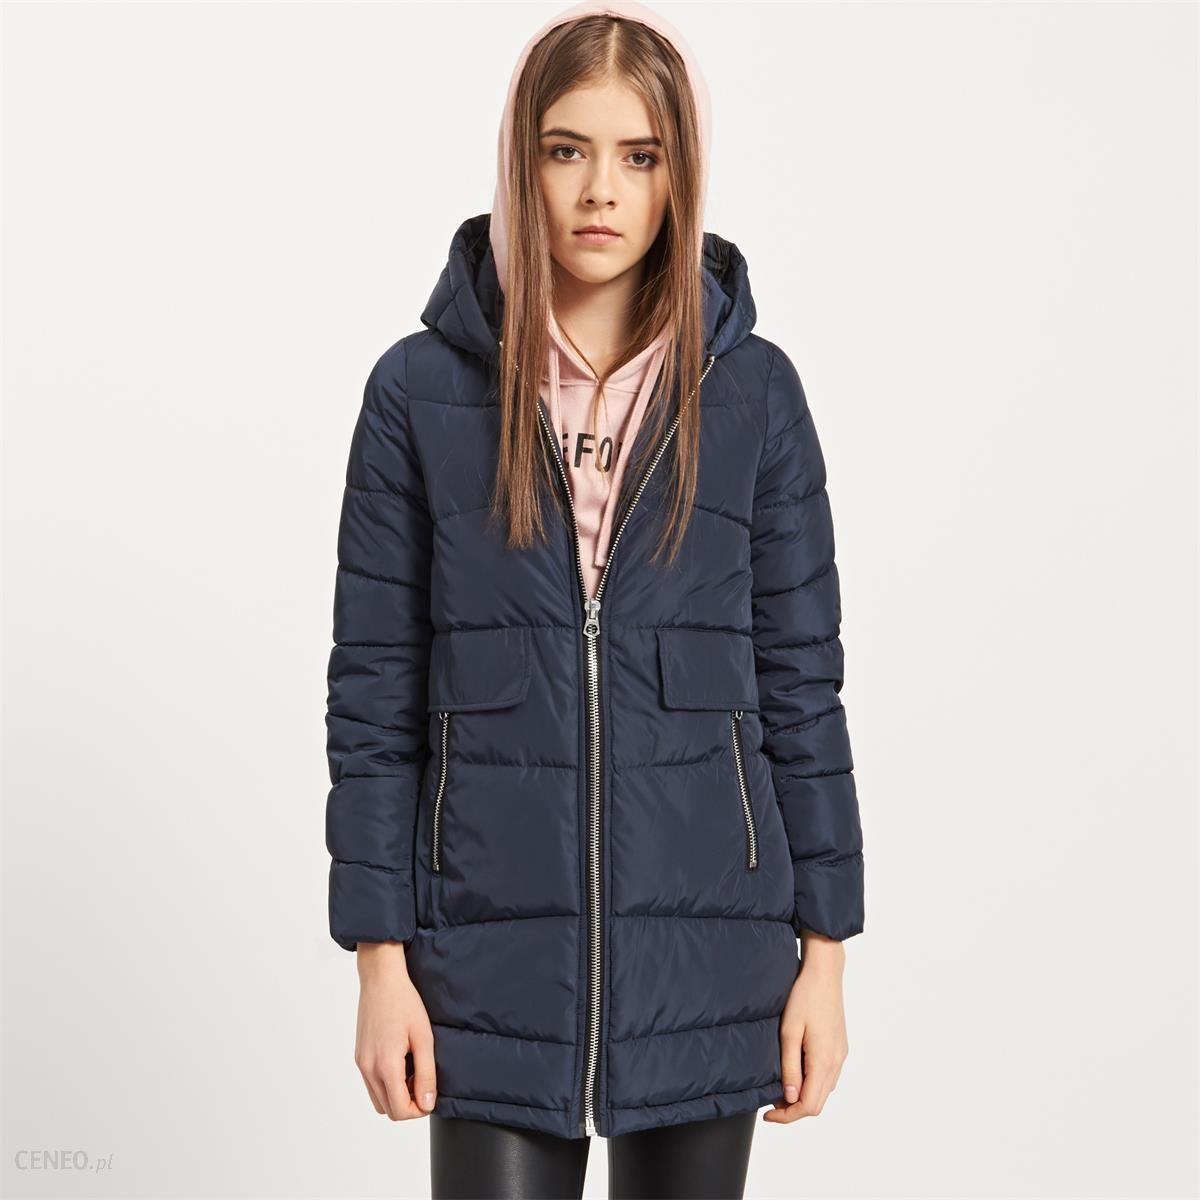 c8b48ad45 Reserved - Pikowana kurtka z kapturem yfl - Granatowy - damska - zdjęcie 1